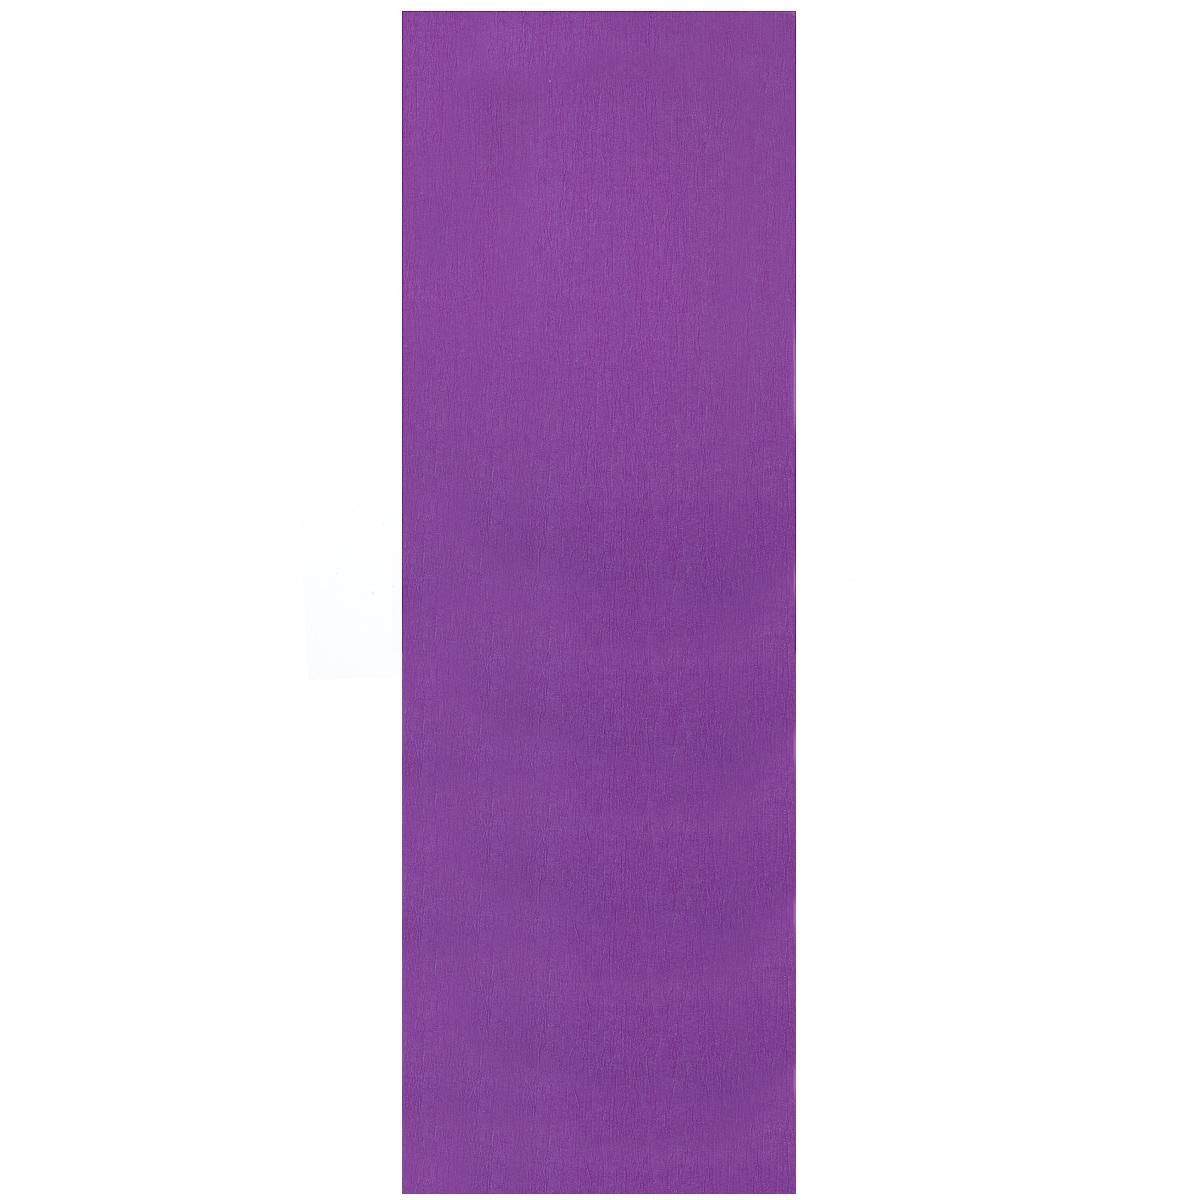 Бумага крепированная Проф-Пресс, флюоресцентная, цвет: фиолетовый, 50 х 250 смБ-2309Крепированная флюоресцентная бумага Проф-Пресс - отличный вариант для воплощения творческих идей не только детей, но и взрослых. Она отлично подойдет для упаковки хрупких изделий, при оформлении букетов, создании сложных цветовых композиций, для декорирования и других оформительских работ. Бумага обладает повышенной прочностью и жесткостью, хорошо растягивается, имеет жатую поверхность. Кроме того, флюоресцентная бумага Проф-Пресс поможет увлечь ребенка, развивая интерес к художественному творчеству, эстетический вкус и восприятие, увеличивая желание делать подарки своими руками, воспитывая самостоятельность и аккуратность в работе. Такая бумага поможет вашему ребенку раскрыть свои таланты.